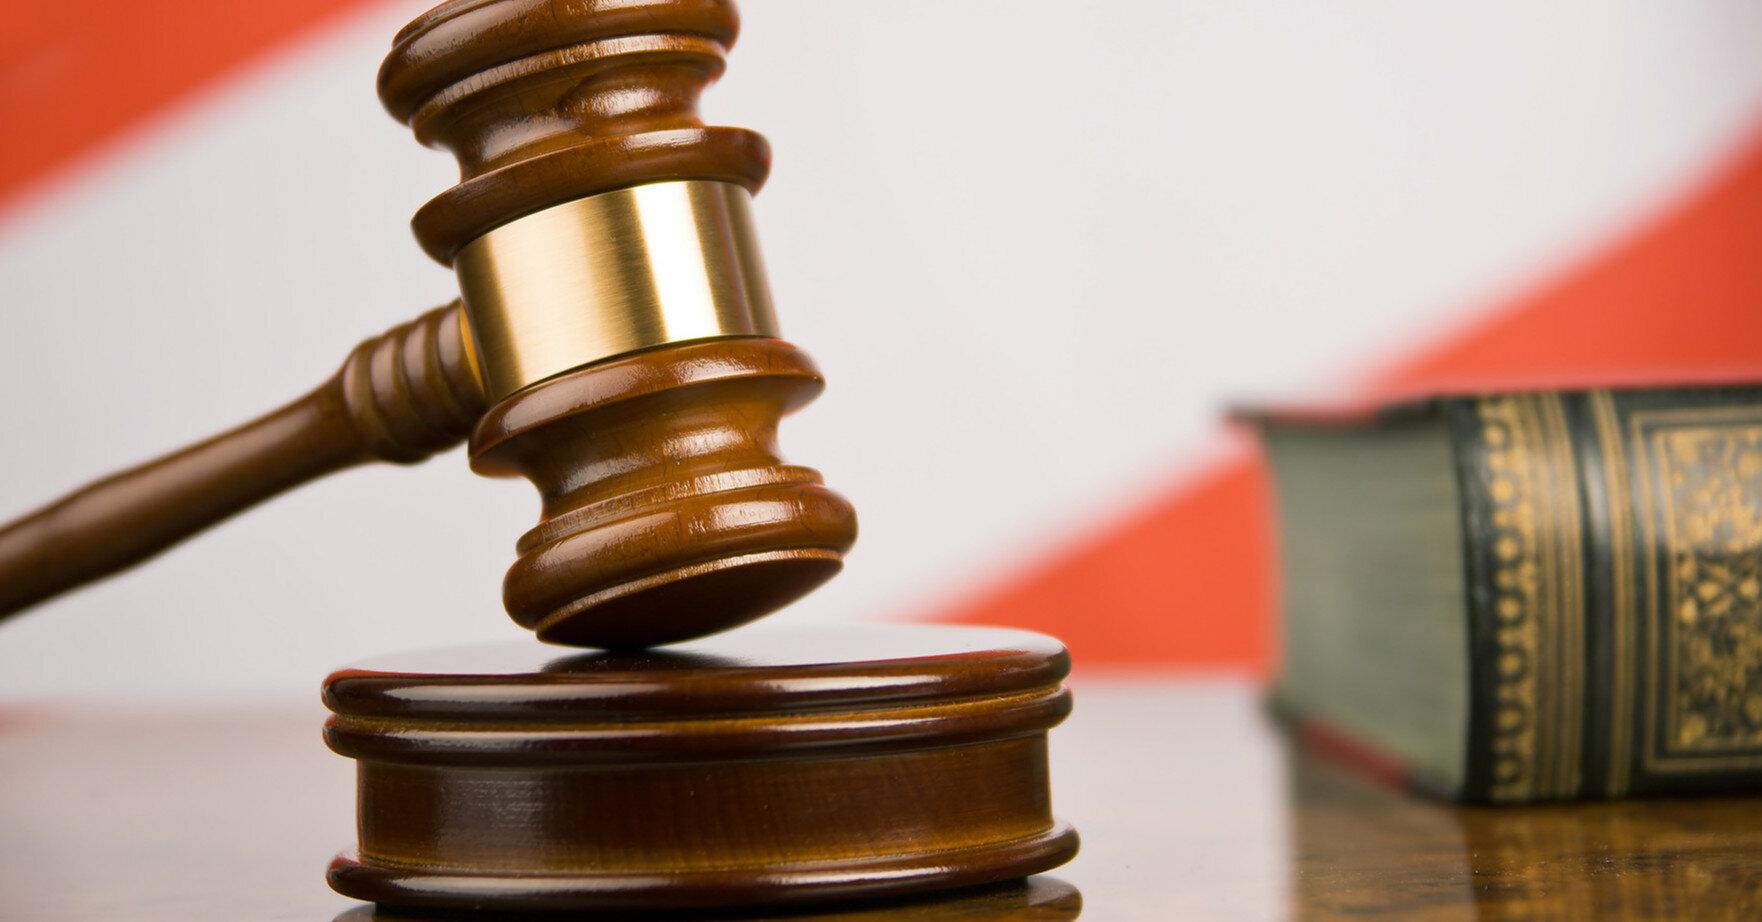 ЕСПЧ вынес решение, что Верховный суд Украины ликвидировали незаконно